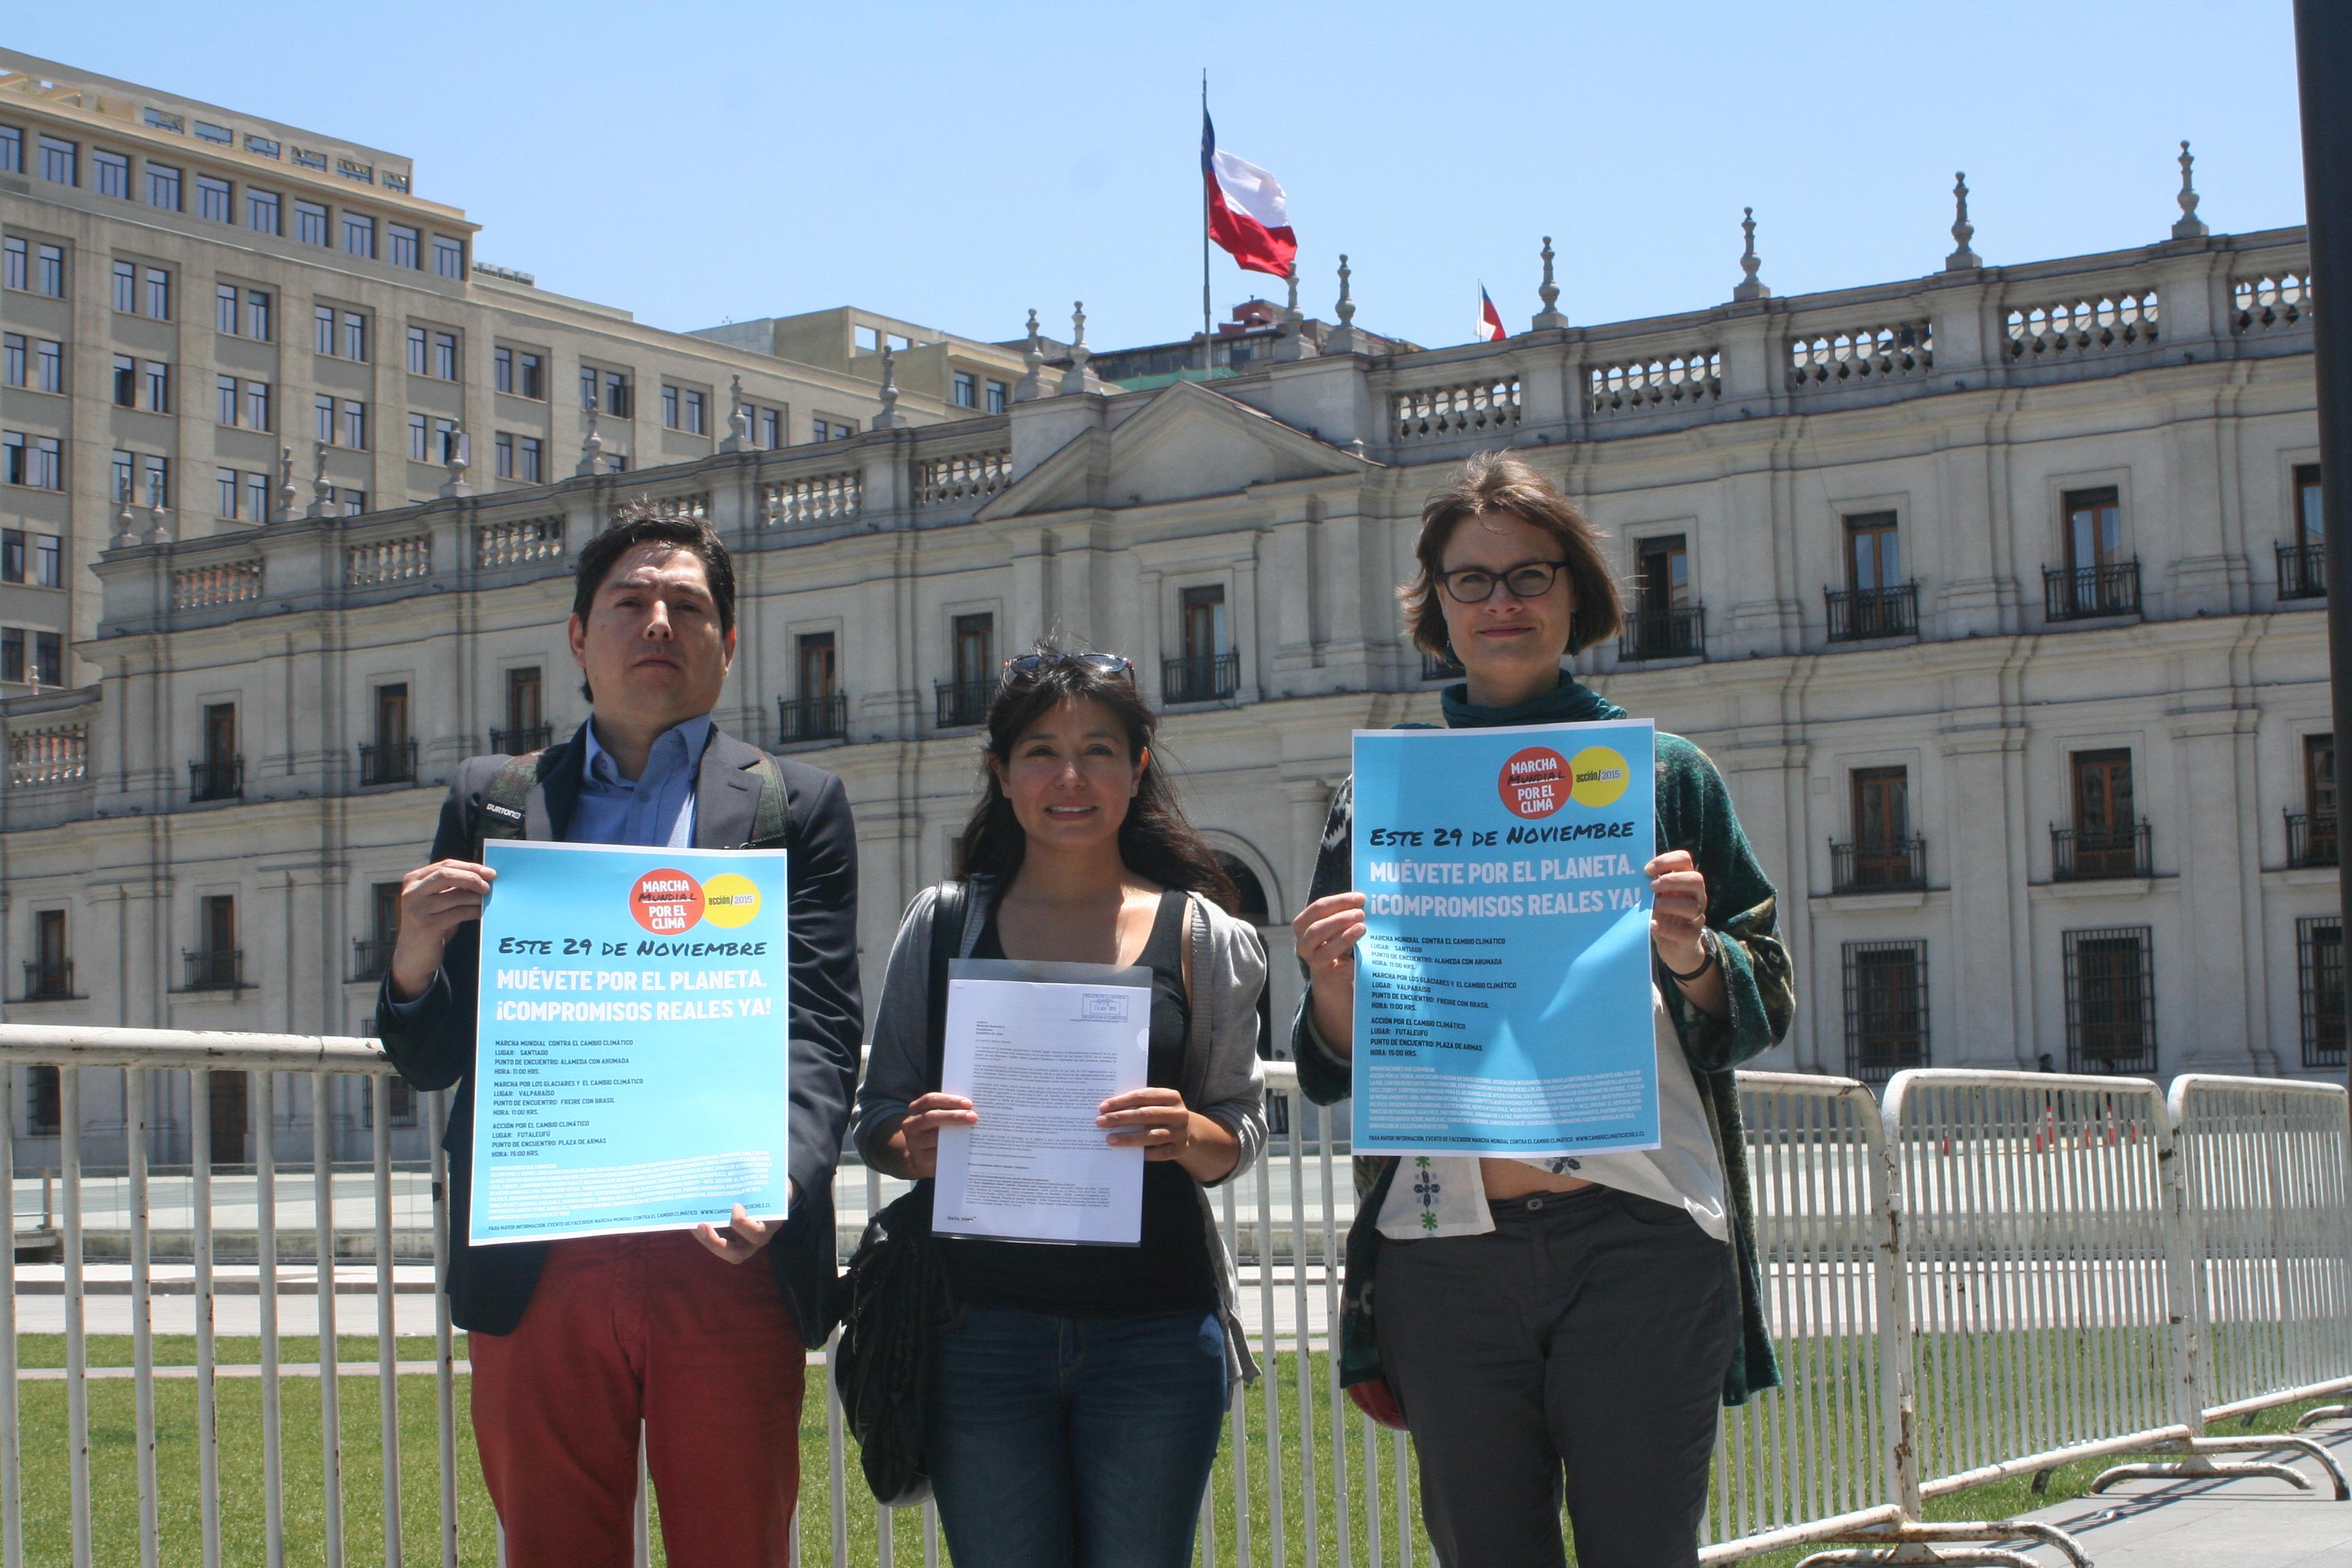 Coalición contra el Cambio Climático entrega petición a Michelle Bachelet para mejorar compromisos de cara a la COP-21